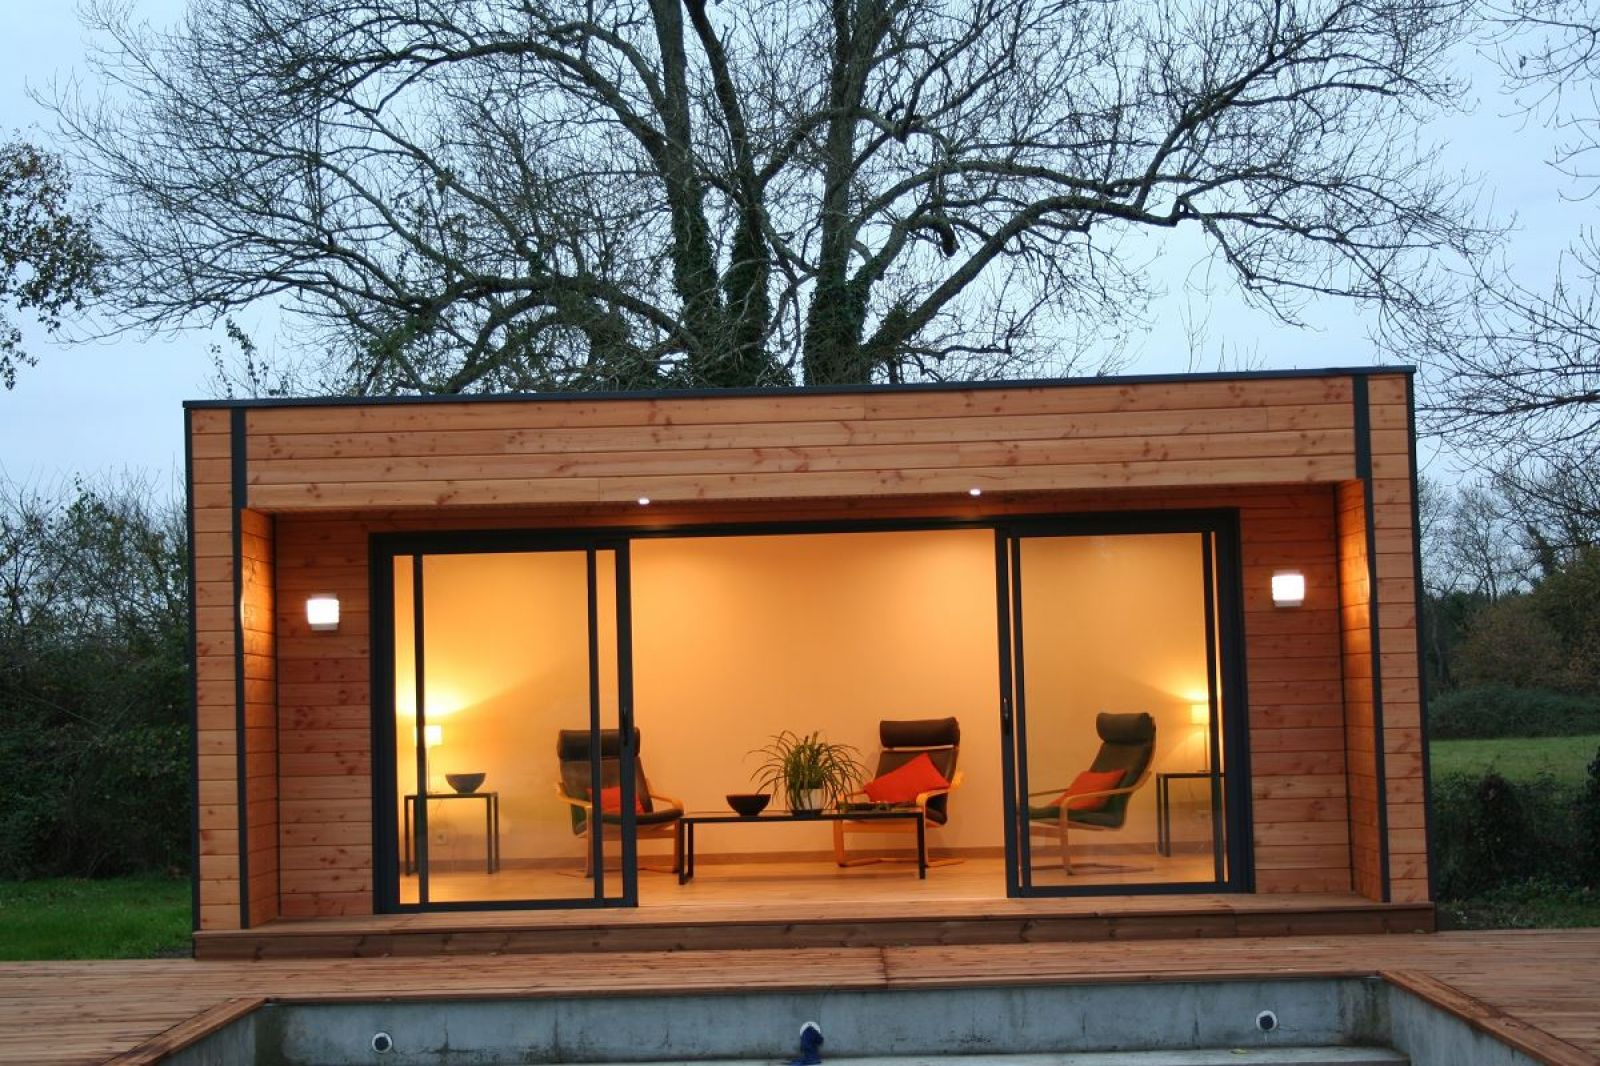 Maison bois 20m2 abri jardin chalet abri de jardin 720m for Abri de jardin 20m2